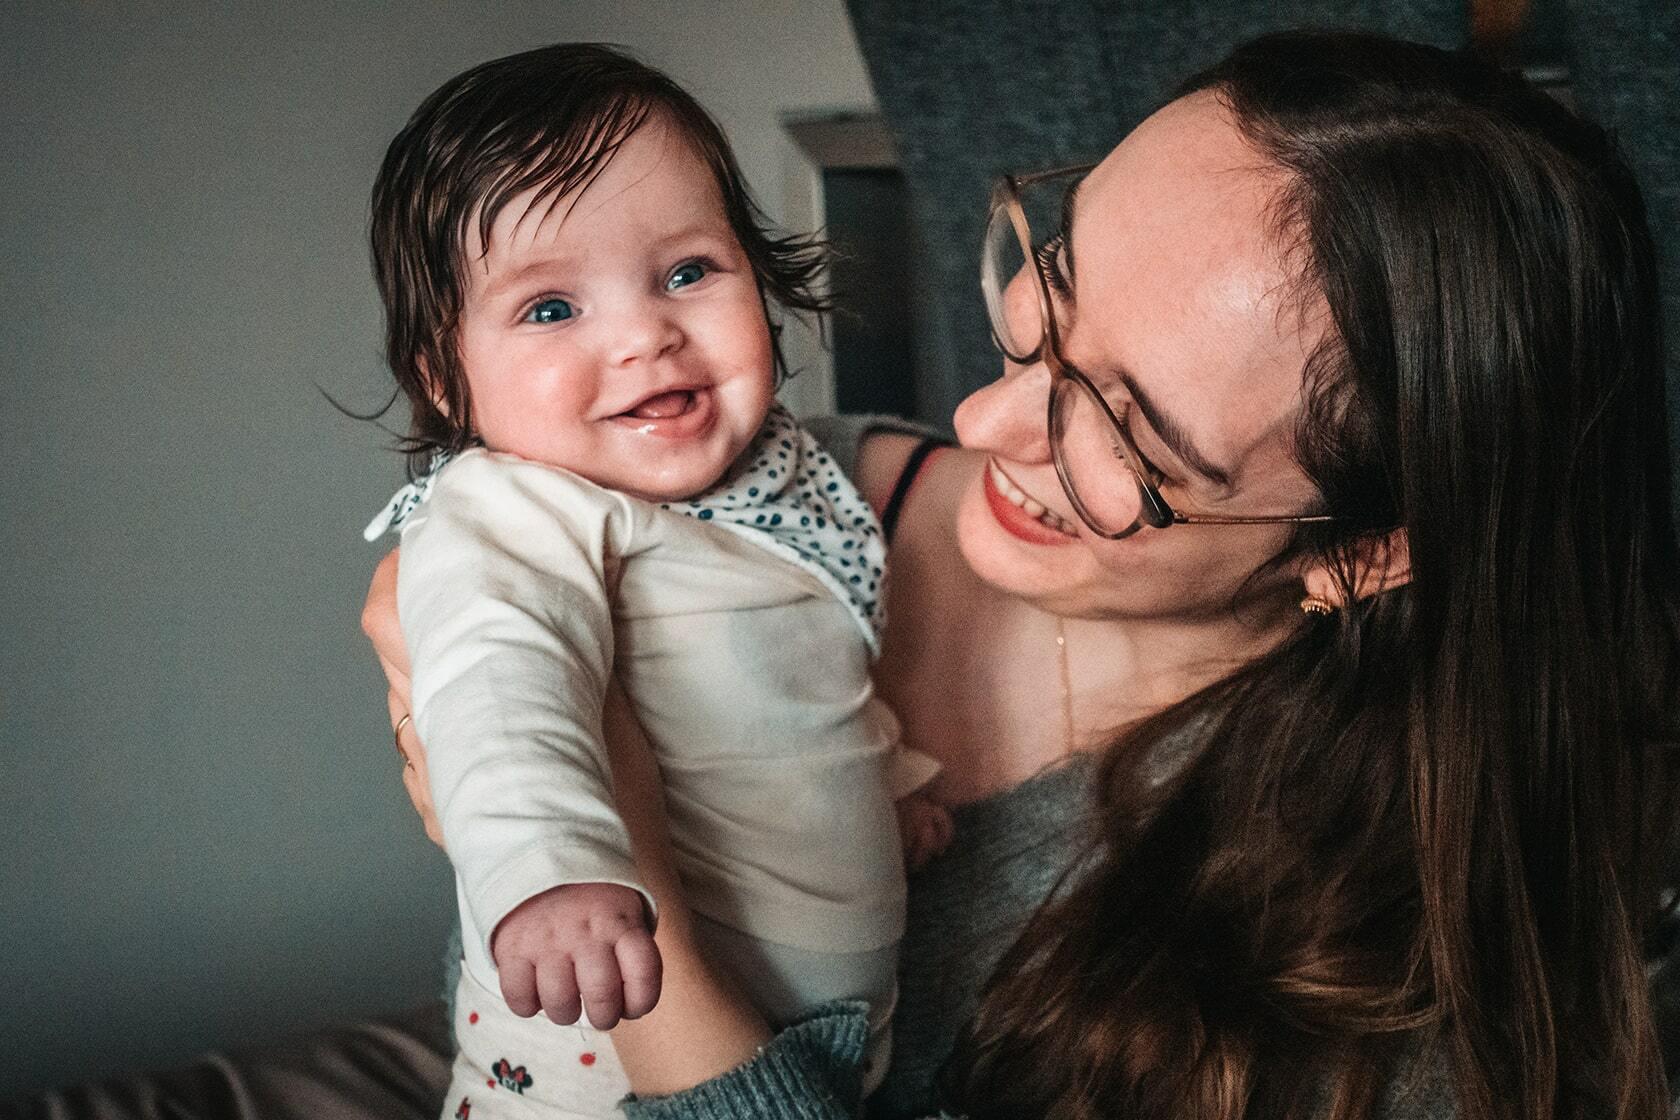 Foto van een een baby en persoon uit fotografie collectie mensen van Simon Wijers